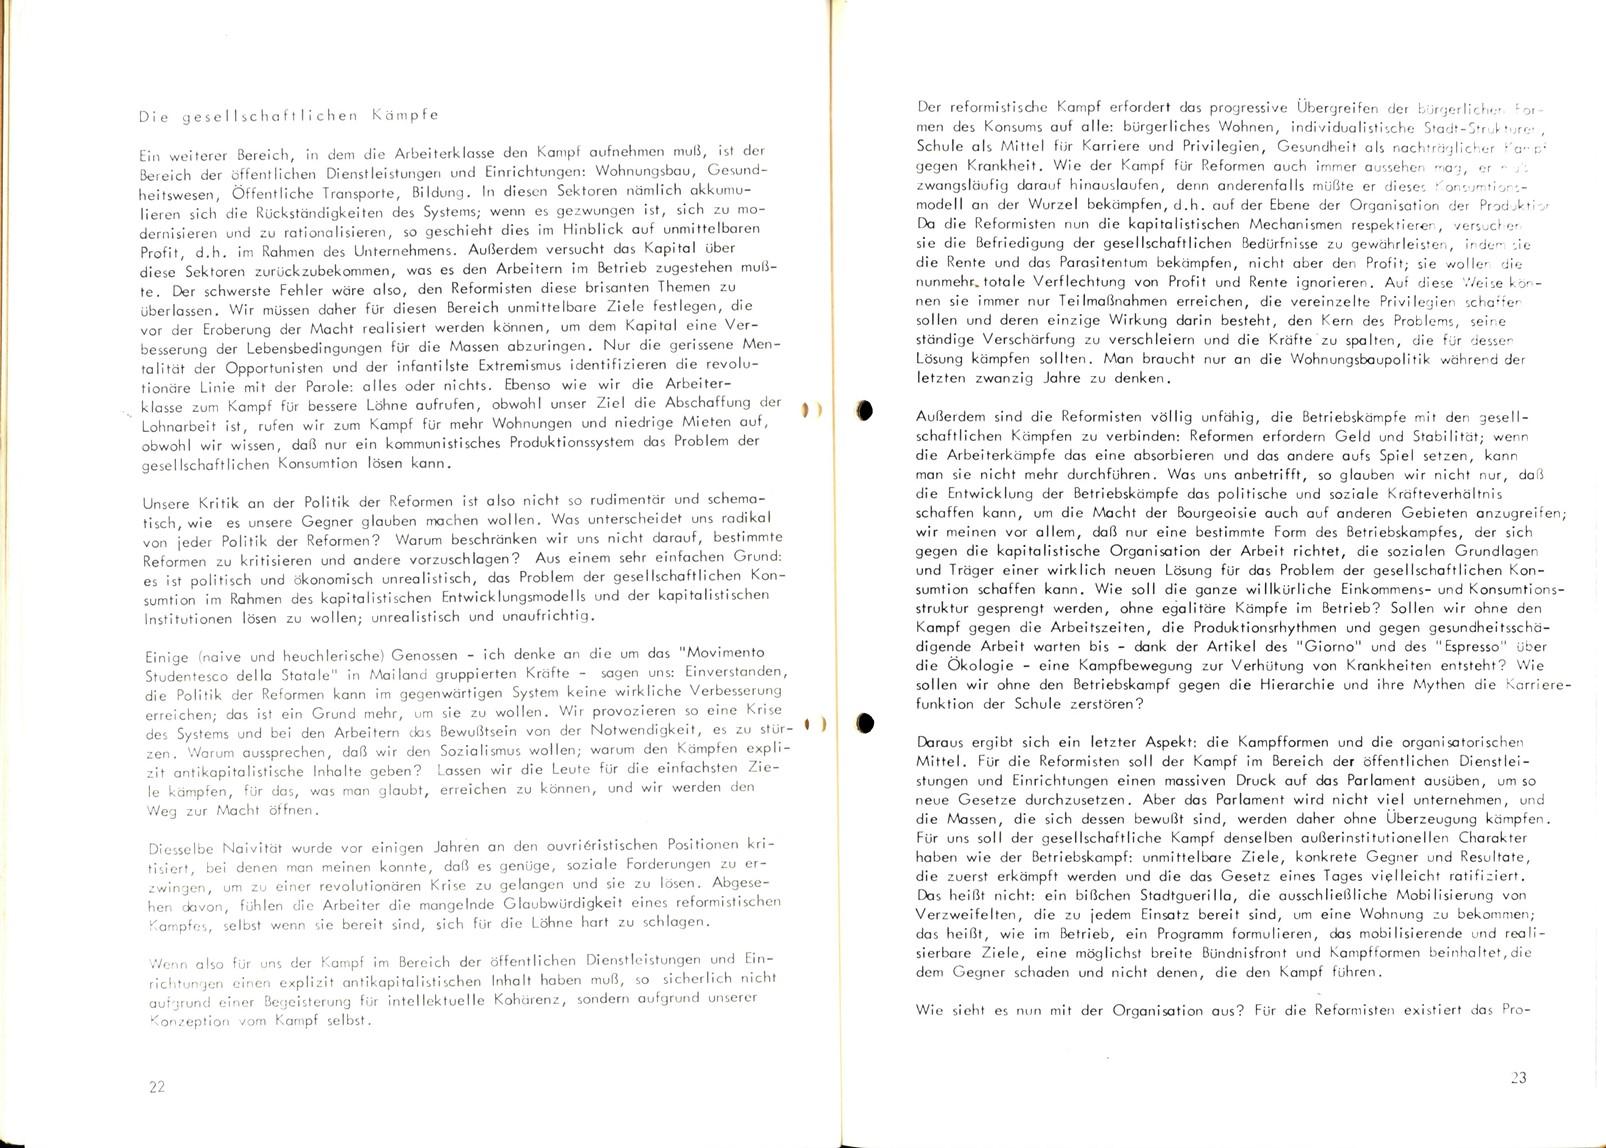 Manifesto_1971_Einheit_der_Klassenlinken_12